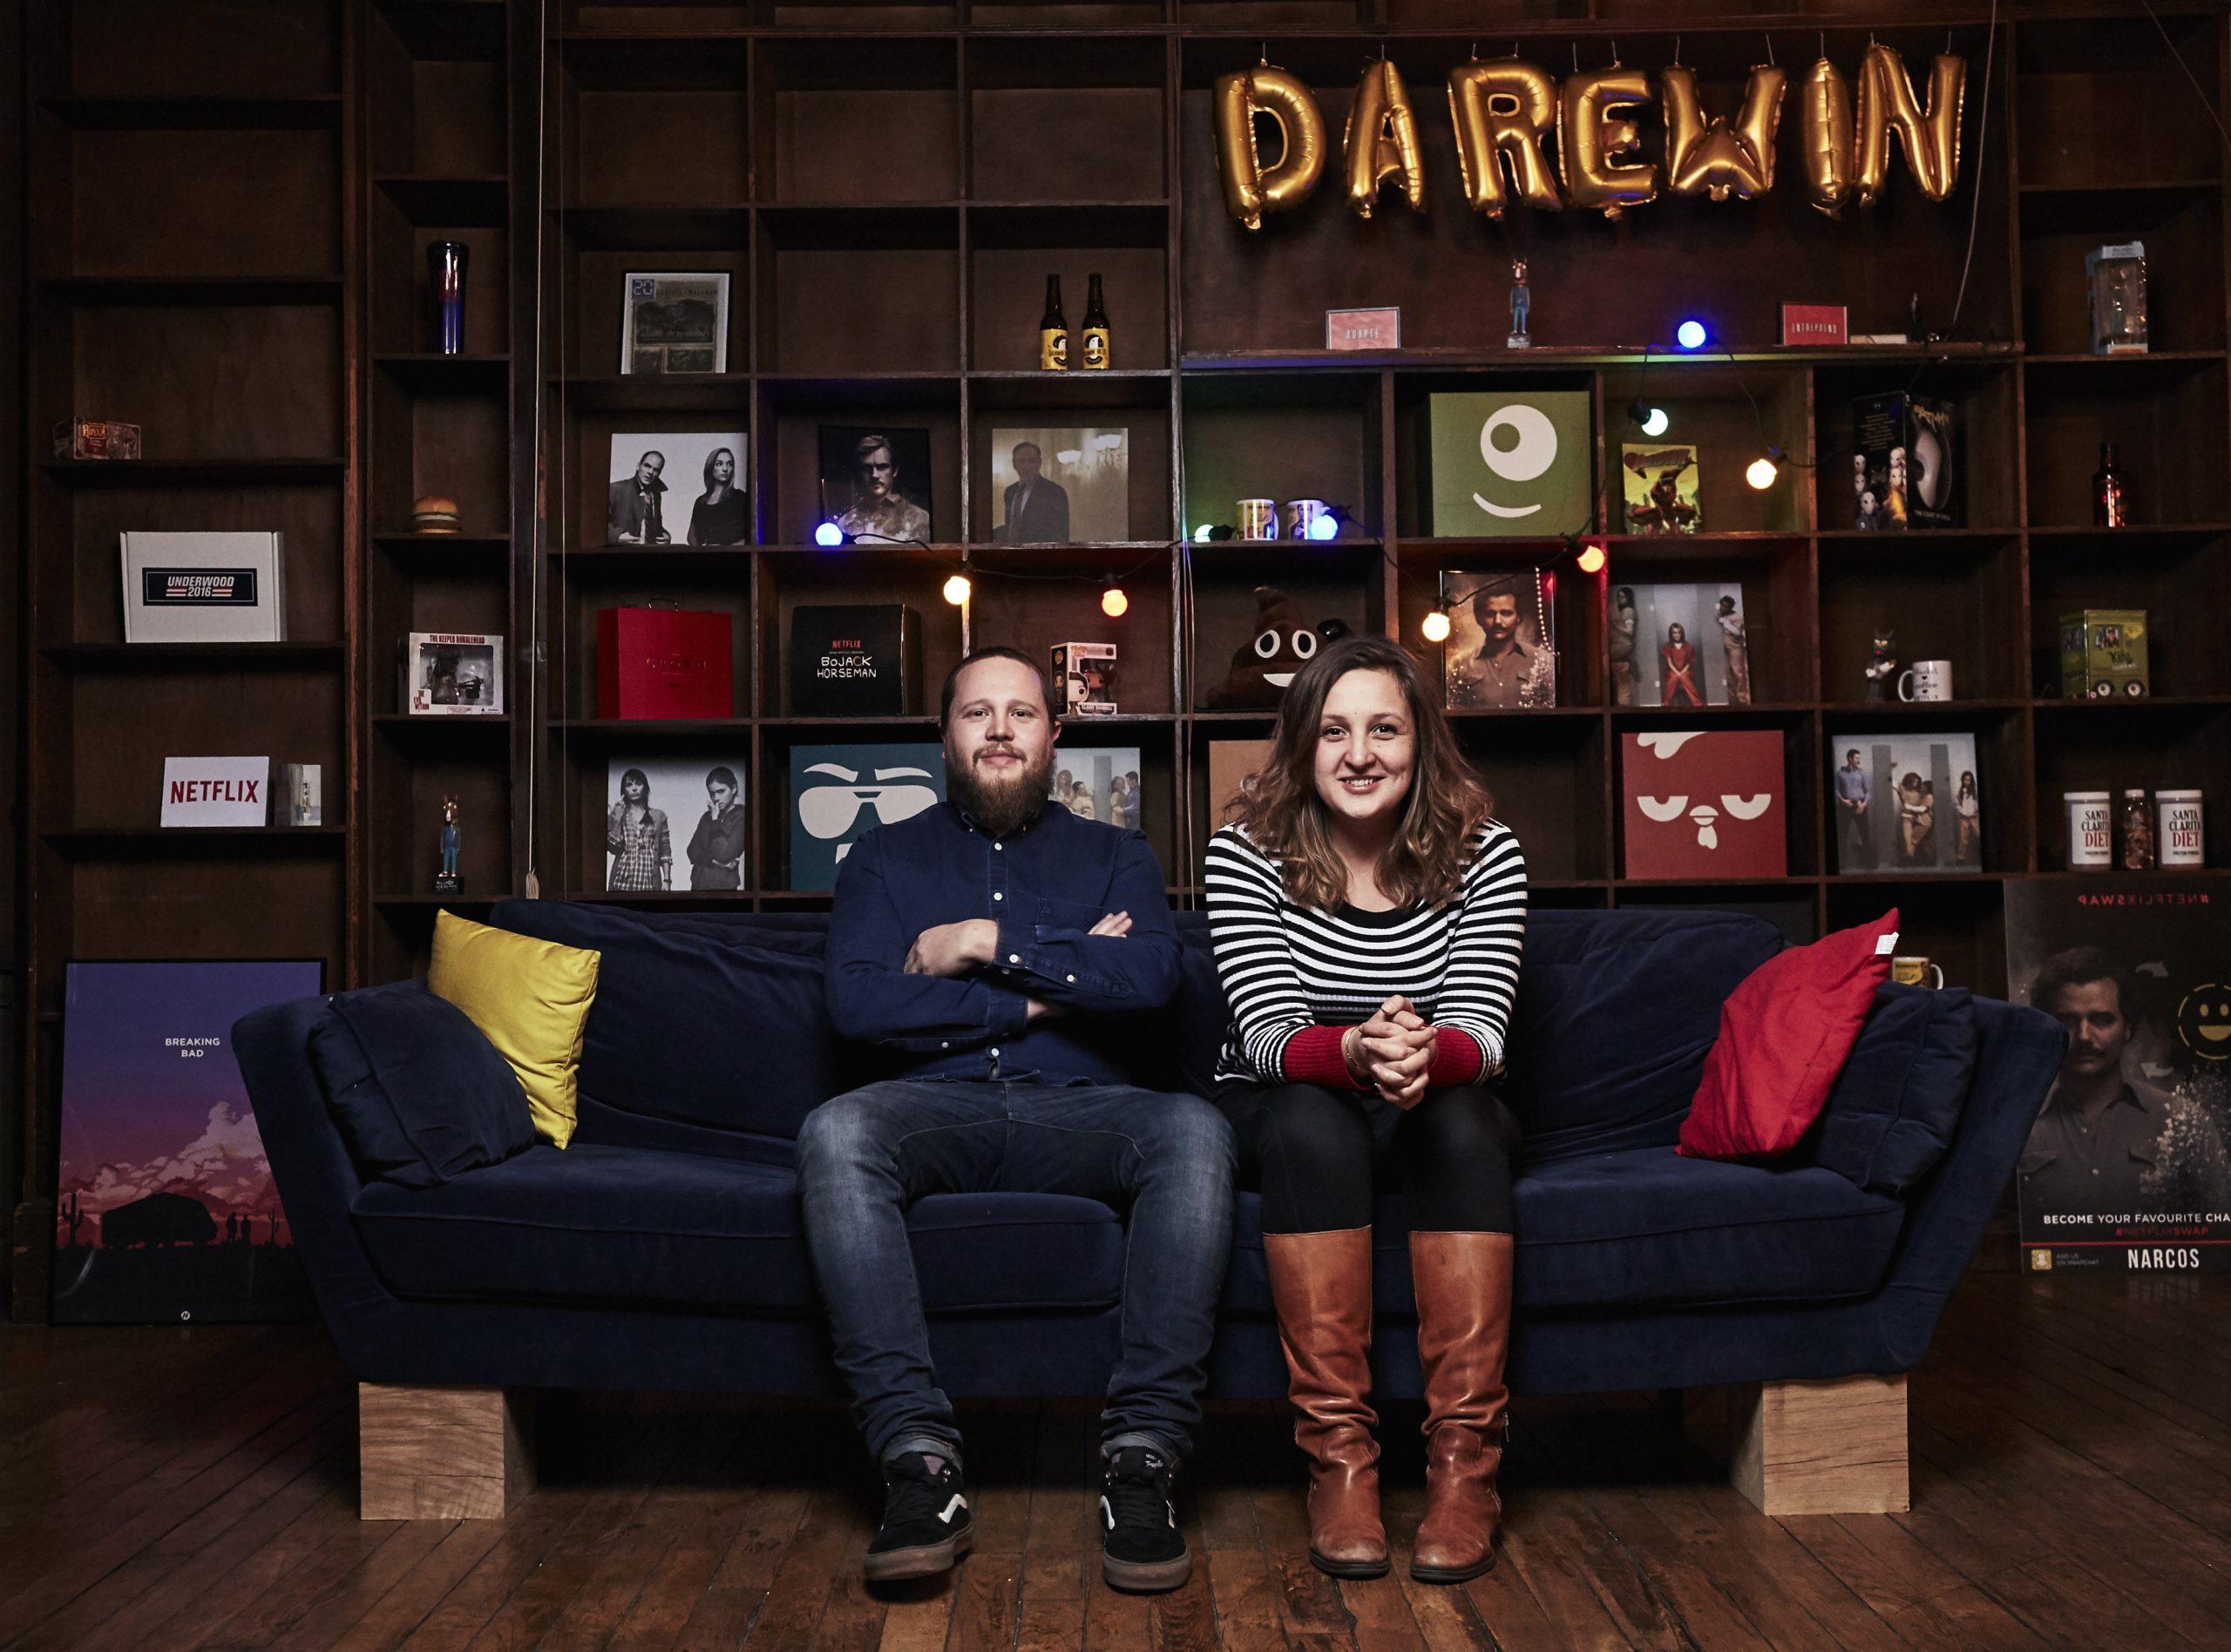 darewin-mediamonks-s4-capital-fabienne-fiorucci-damien-foui